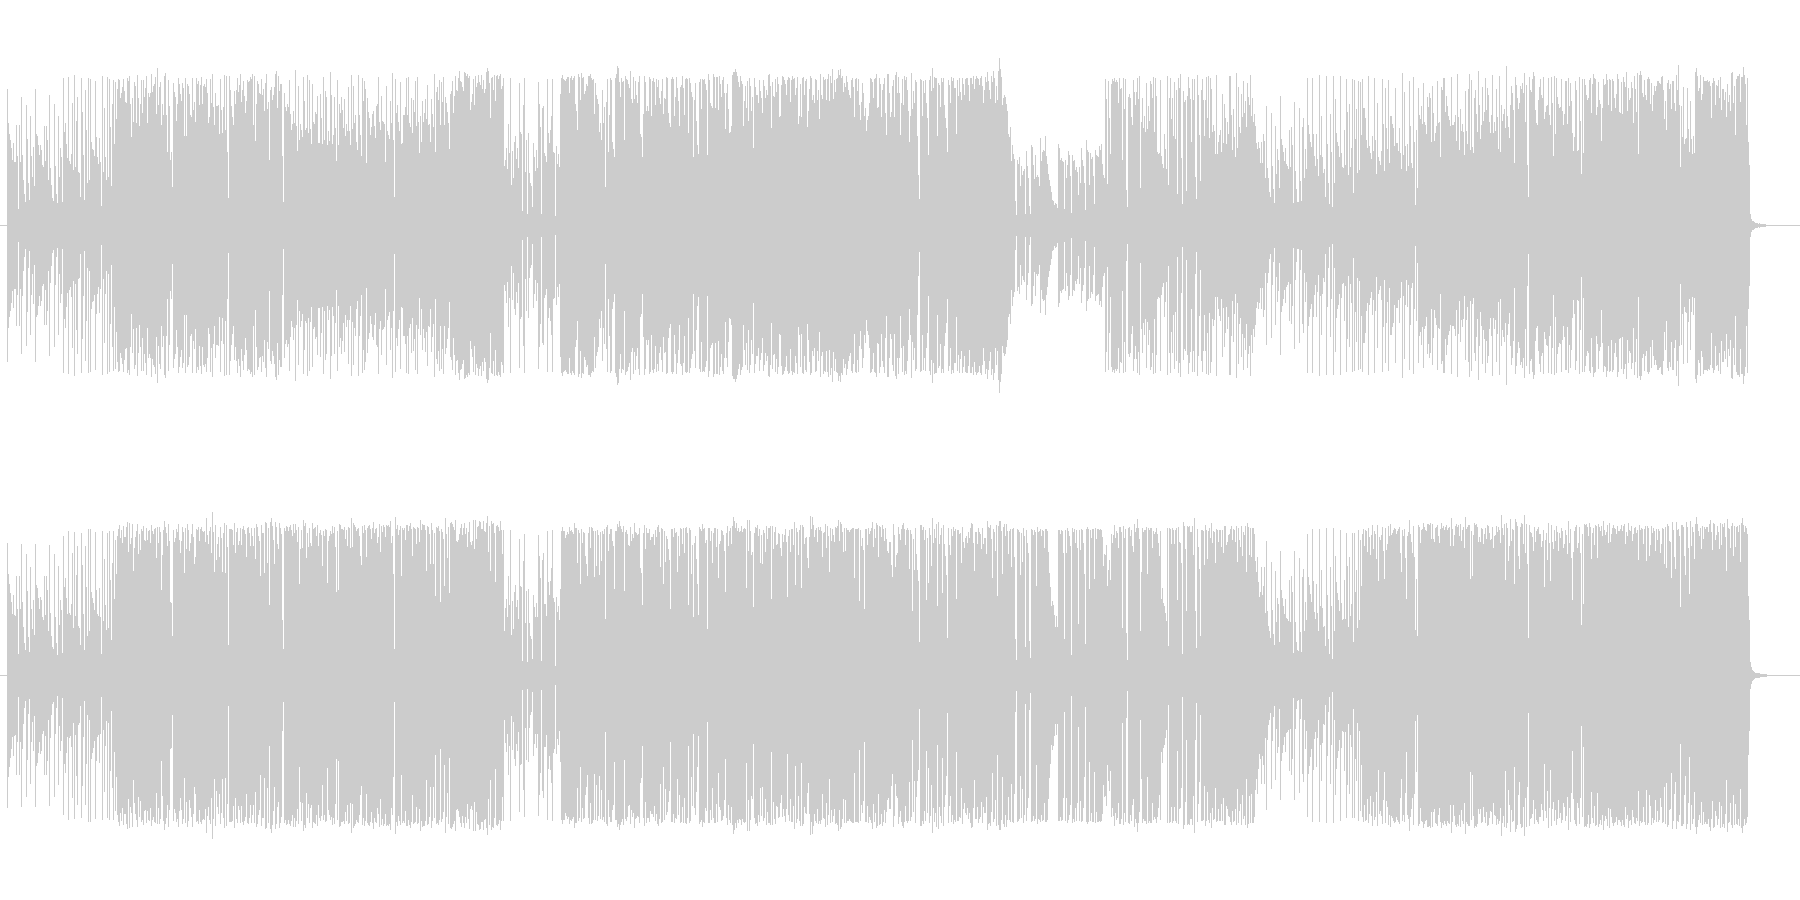 プログレ・民族音楽風変拍子の未再生の波形